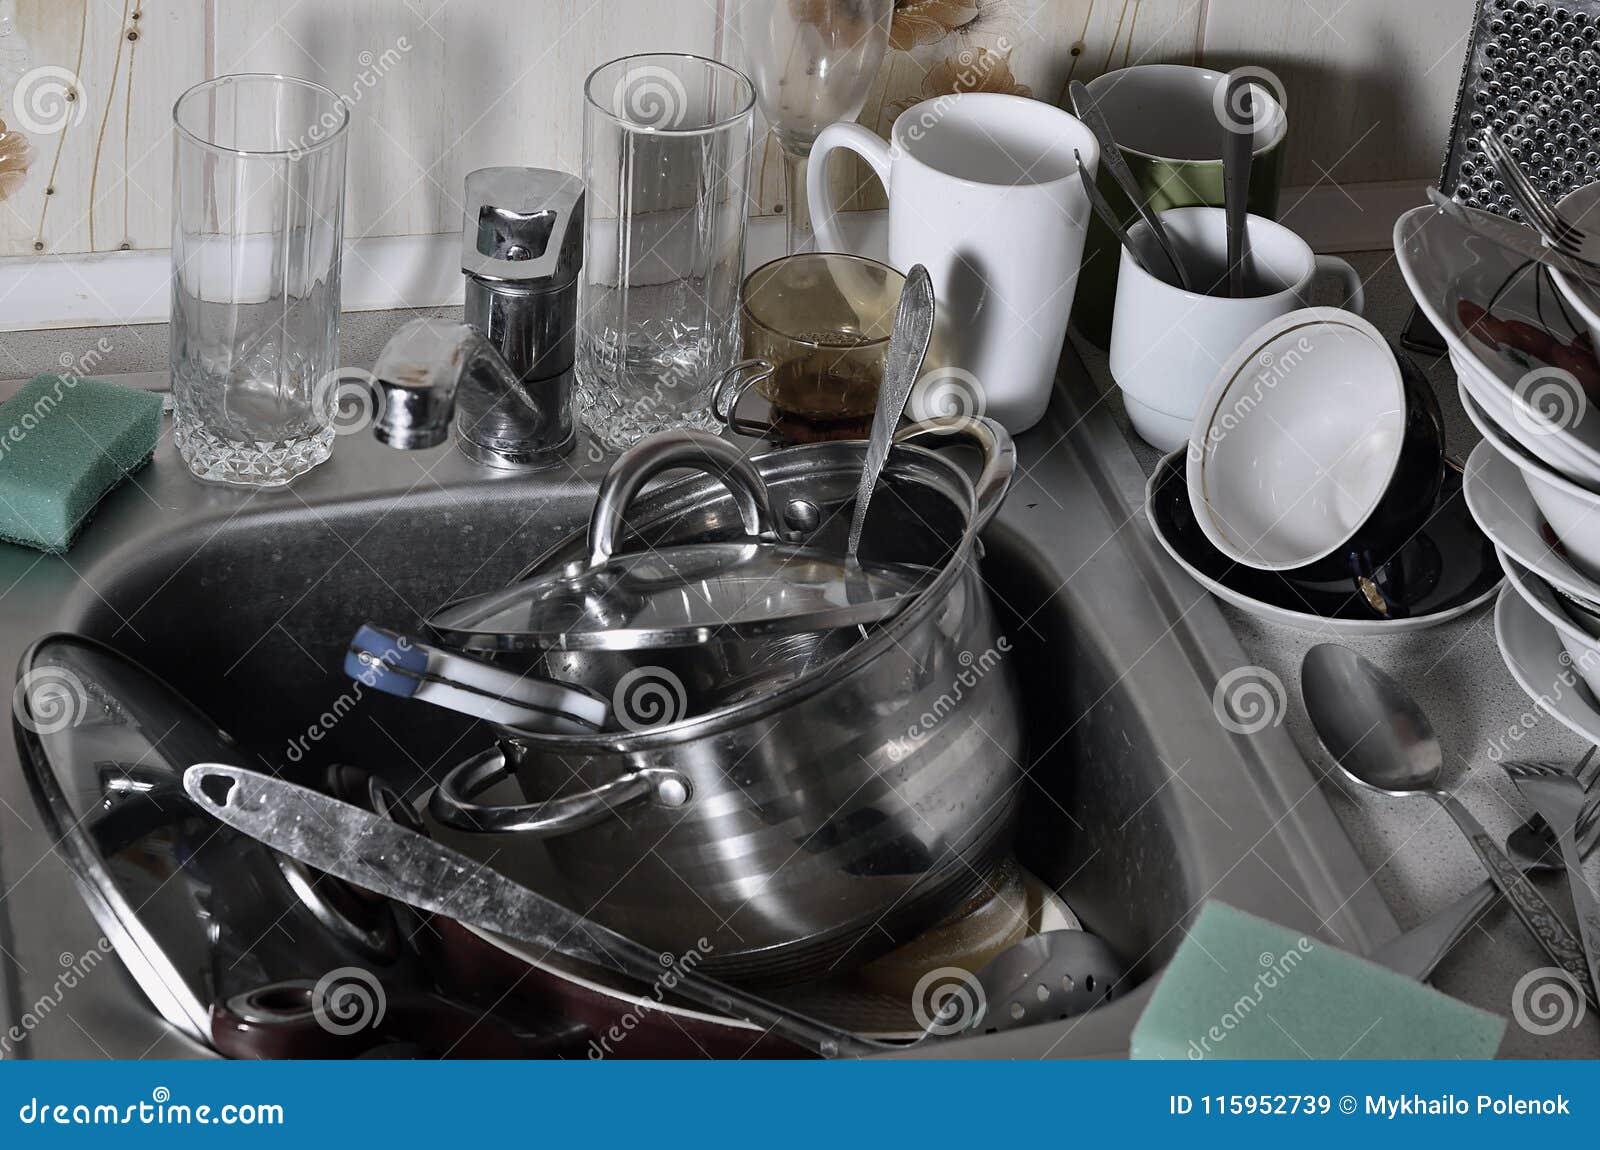 Uma pilha enorme de pratos unwashed na banca da cozinha e na bancada Muitos utensílios e dispositivos de cozinha antes de lavar